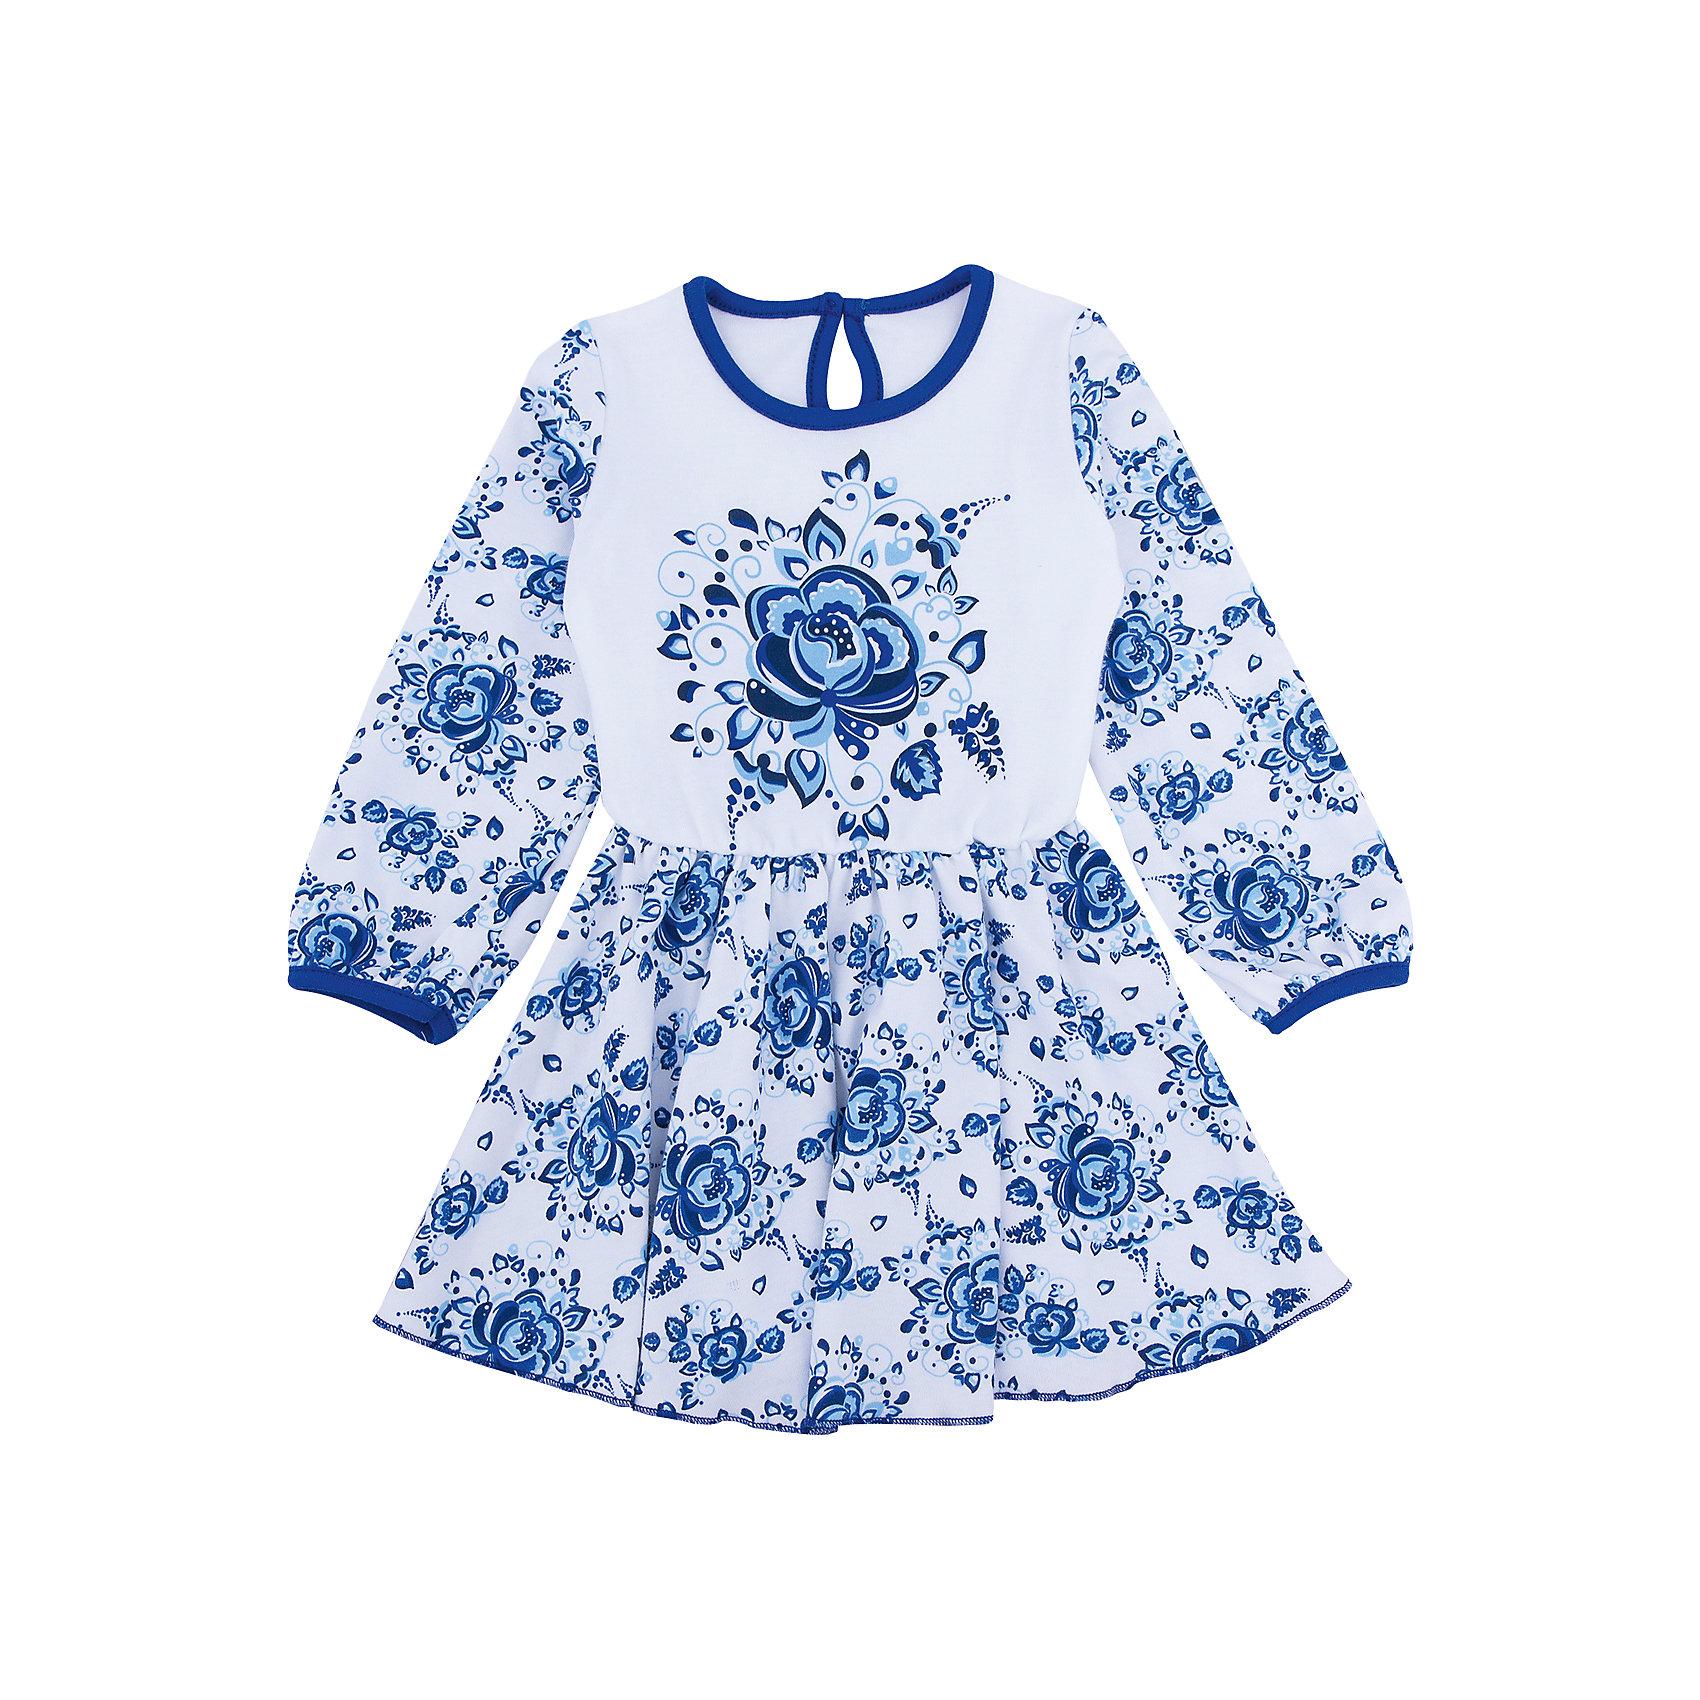 Платье для девочки АпрельПлатья и сарафаны<br>Платье для девочки Апрель.<br><br>Характеристики:<br>• состав: хлопок<br>• цвет: синий/белый<br>• коллекция: Гжель<br><br>Каждая модница по достоинству оценит платье из коллекции Гжель от известной марки Апрель. Оно имеет популярную расцветку, привлекающую внимание. Платье изготовлено из качественного хлопка, имеет приталенный силуэт, длинные рукава и круглый ворот. Сзади платье застегивается на пуговицу. Такое платье обязательно порадует юную модницу!<br><br>Платье для девочки Апрель вы можете купить в нашем интернет-магазине.<br><br>Ширина мм: 236<br>Глубина мм: 16<br>Высота мм: 184<br>Вес г: 177<br>Цвет: синий/белый<br>Возраст от месяцев: 18<br>Возраст до месяцев: 24<br>Пол: Женский<br>Возраст: Детский<br>Размер: 92,128,98,104,110,116,122<br>SKU: 4937031